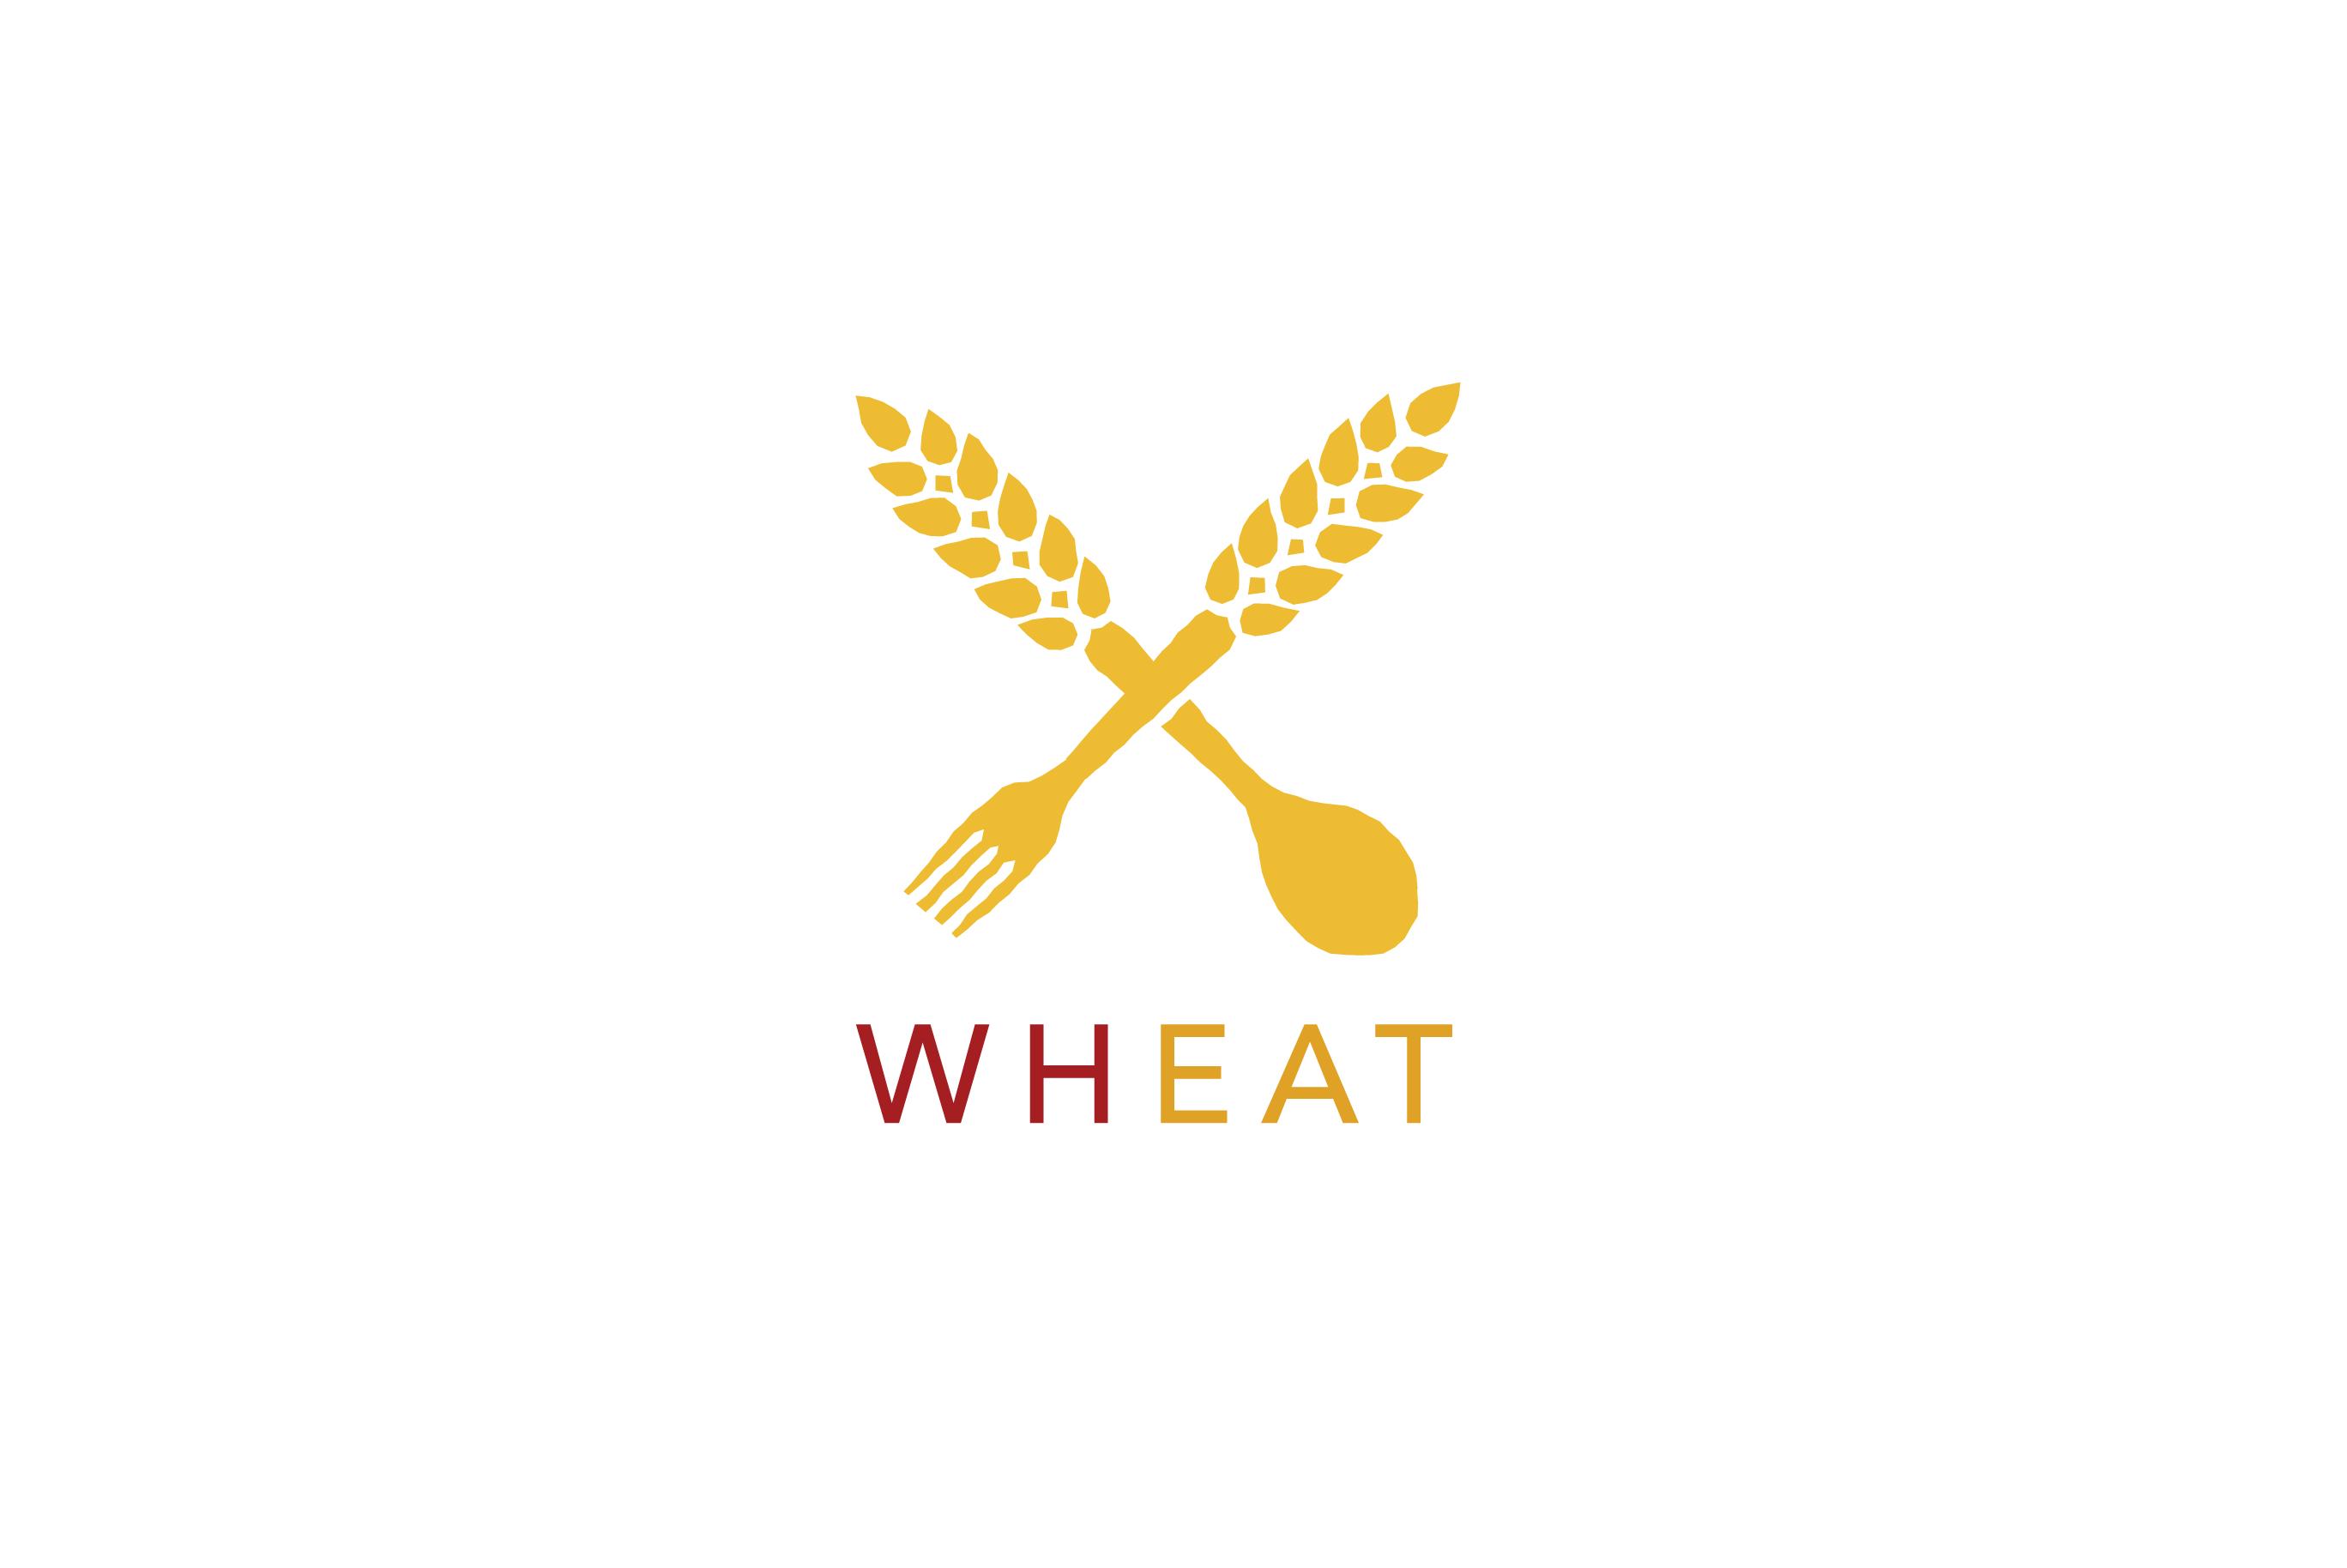 Wheat logo design logo cowboy for Decor logo